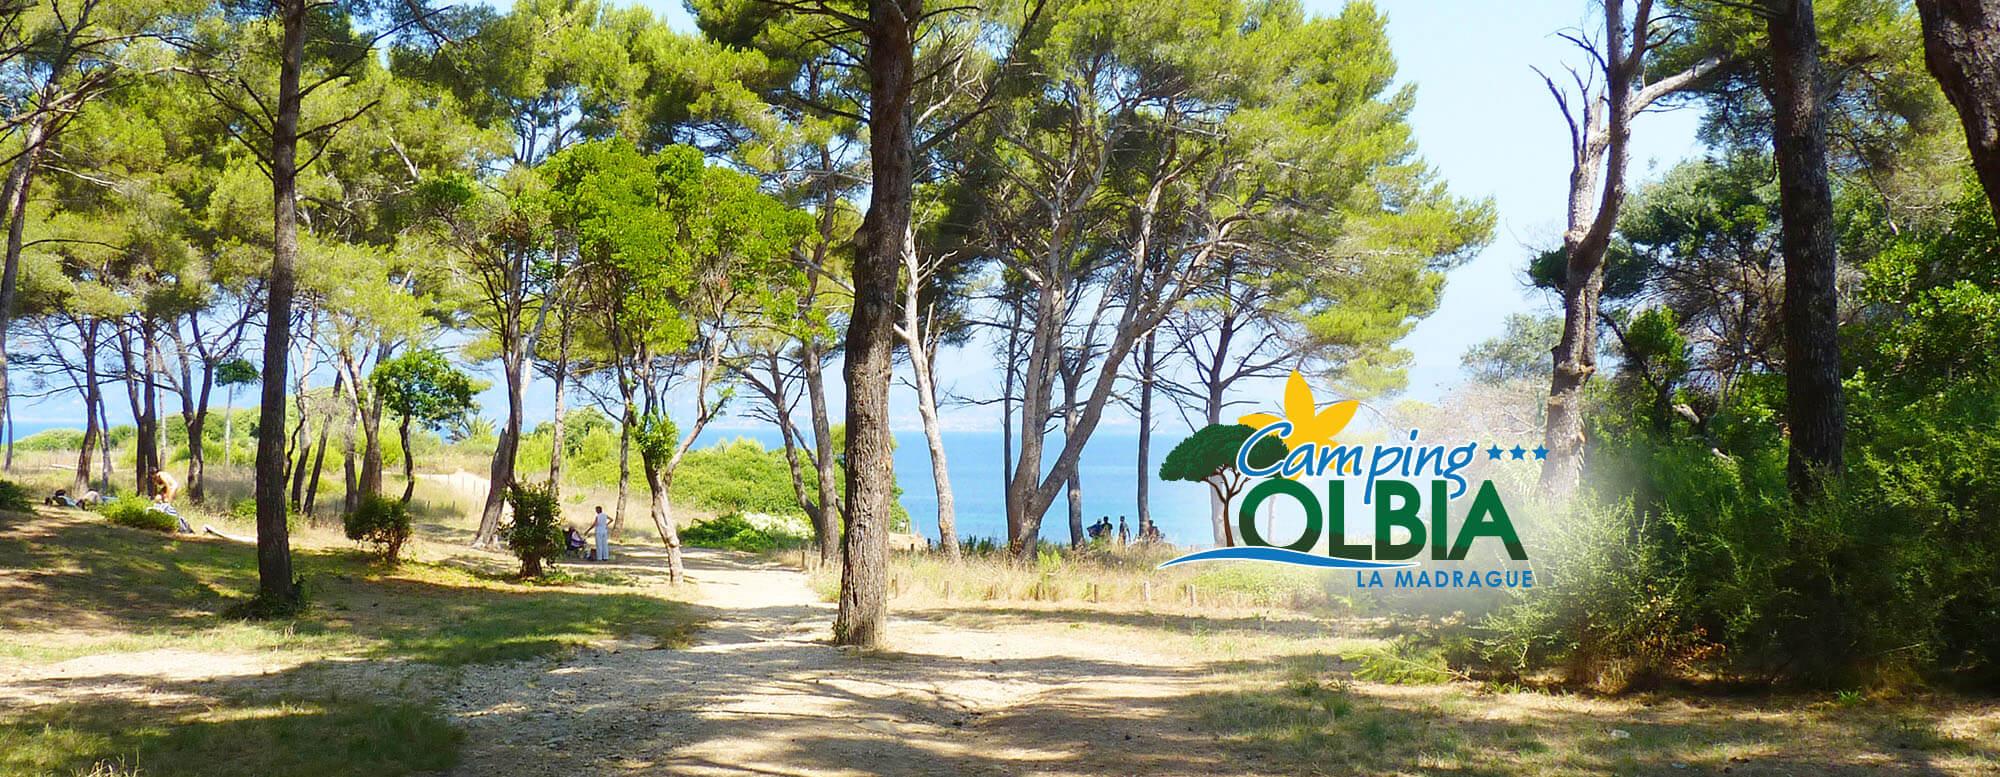 Le Camping Olbia vous propose des emplacements de camping dans un cadre naturel authentique et préservé, sur la Presqu'île de Giens. Calme garanti !